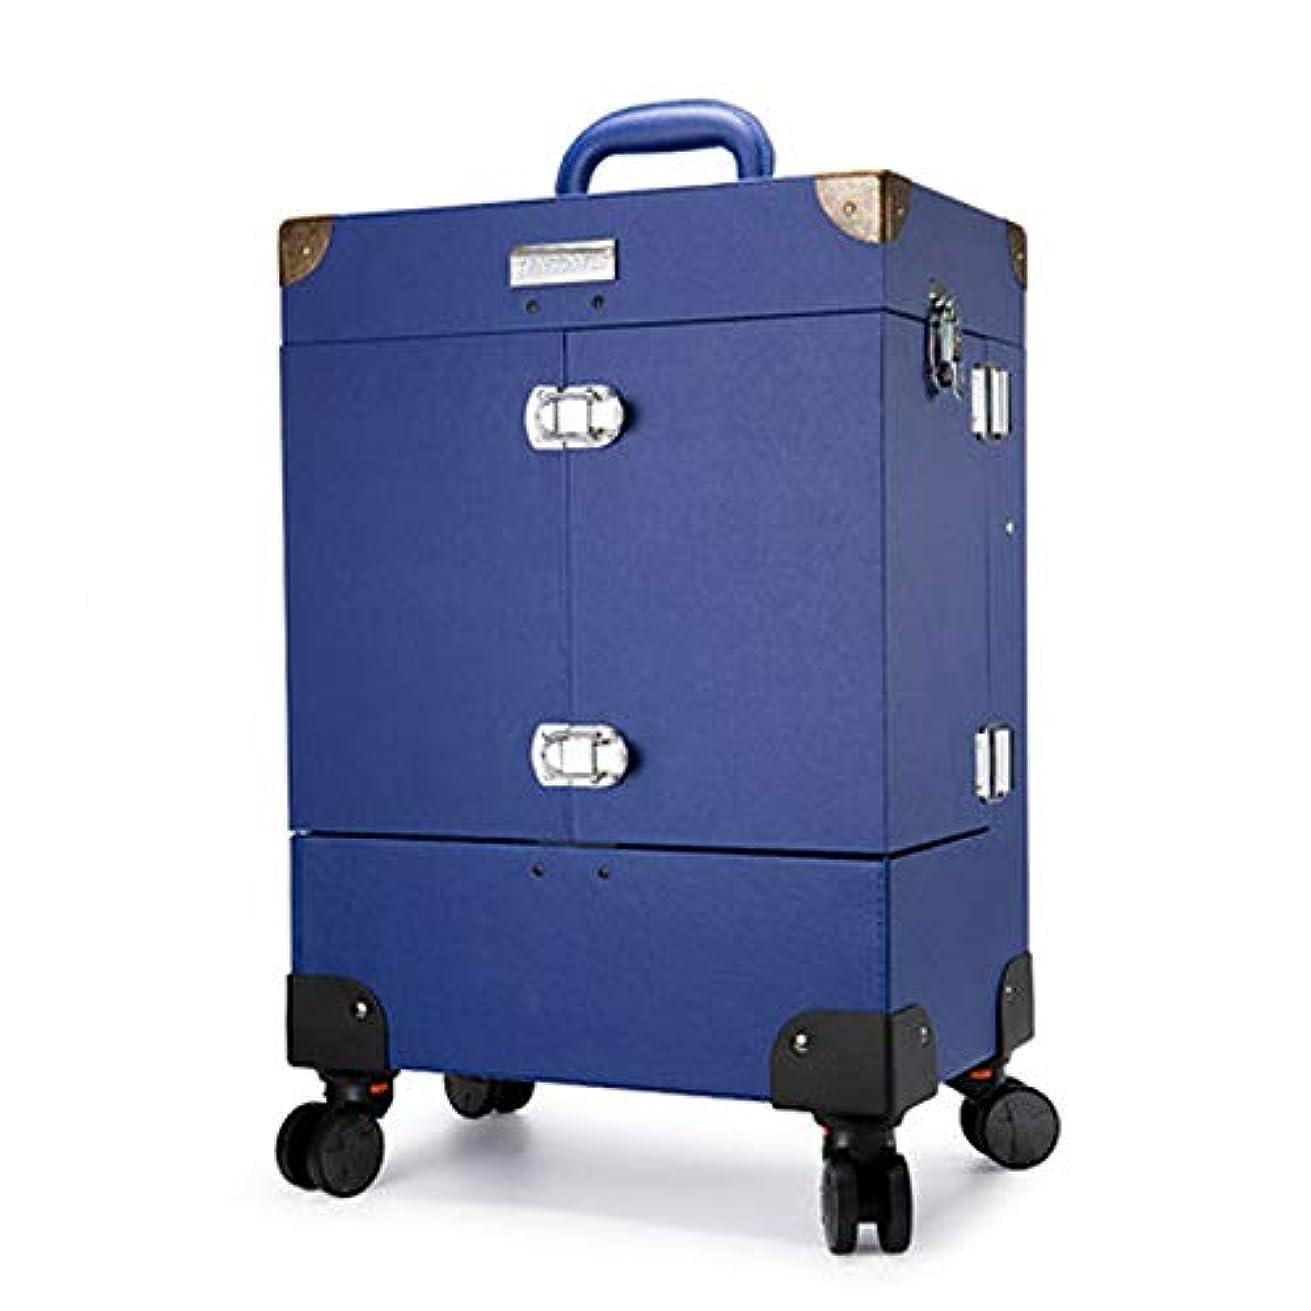 トリムシフトランデブープロ専用 ネイリスト クローゼット スーツケース ネイル収納 メイクボックス キャリーバッグ ヘアメイク ネイル 大容量 軽量 高品質 多機能 プロ I-JL-3505T-BL